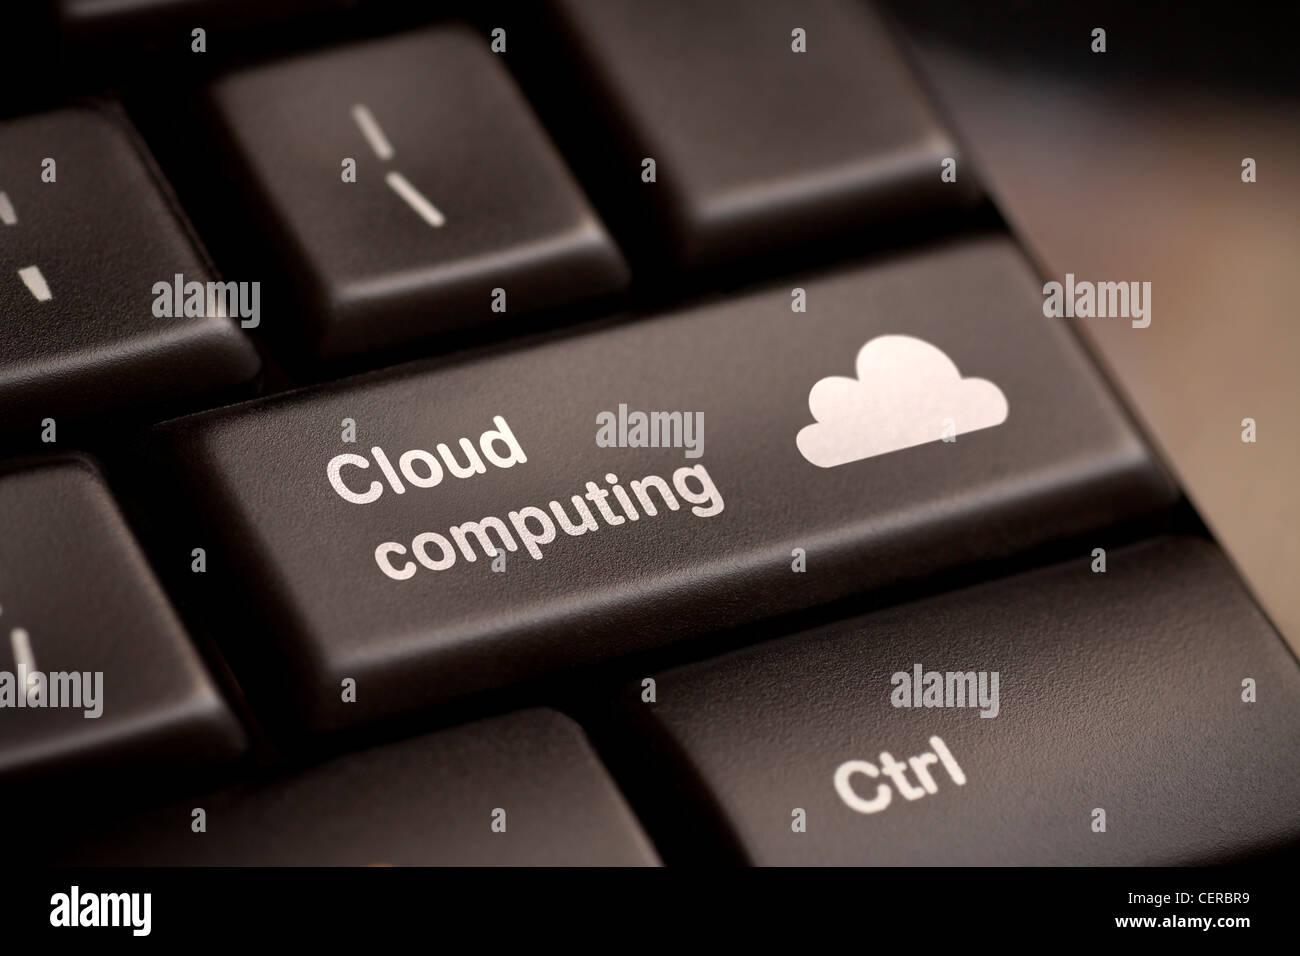 Il cloud computing concetto Mostra icona a forma di nuvola sulla chiave del computer. Immagini Stock